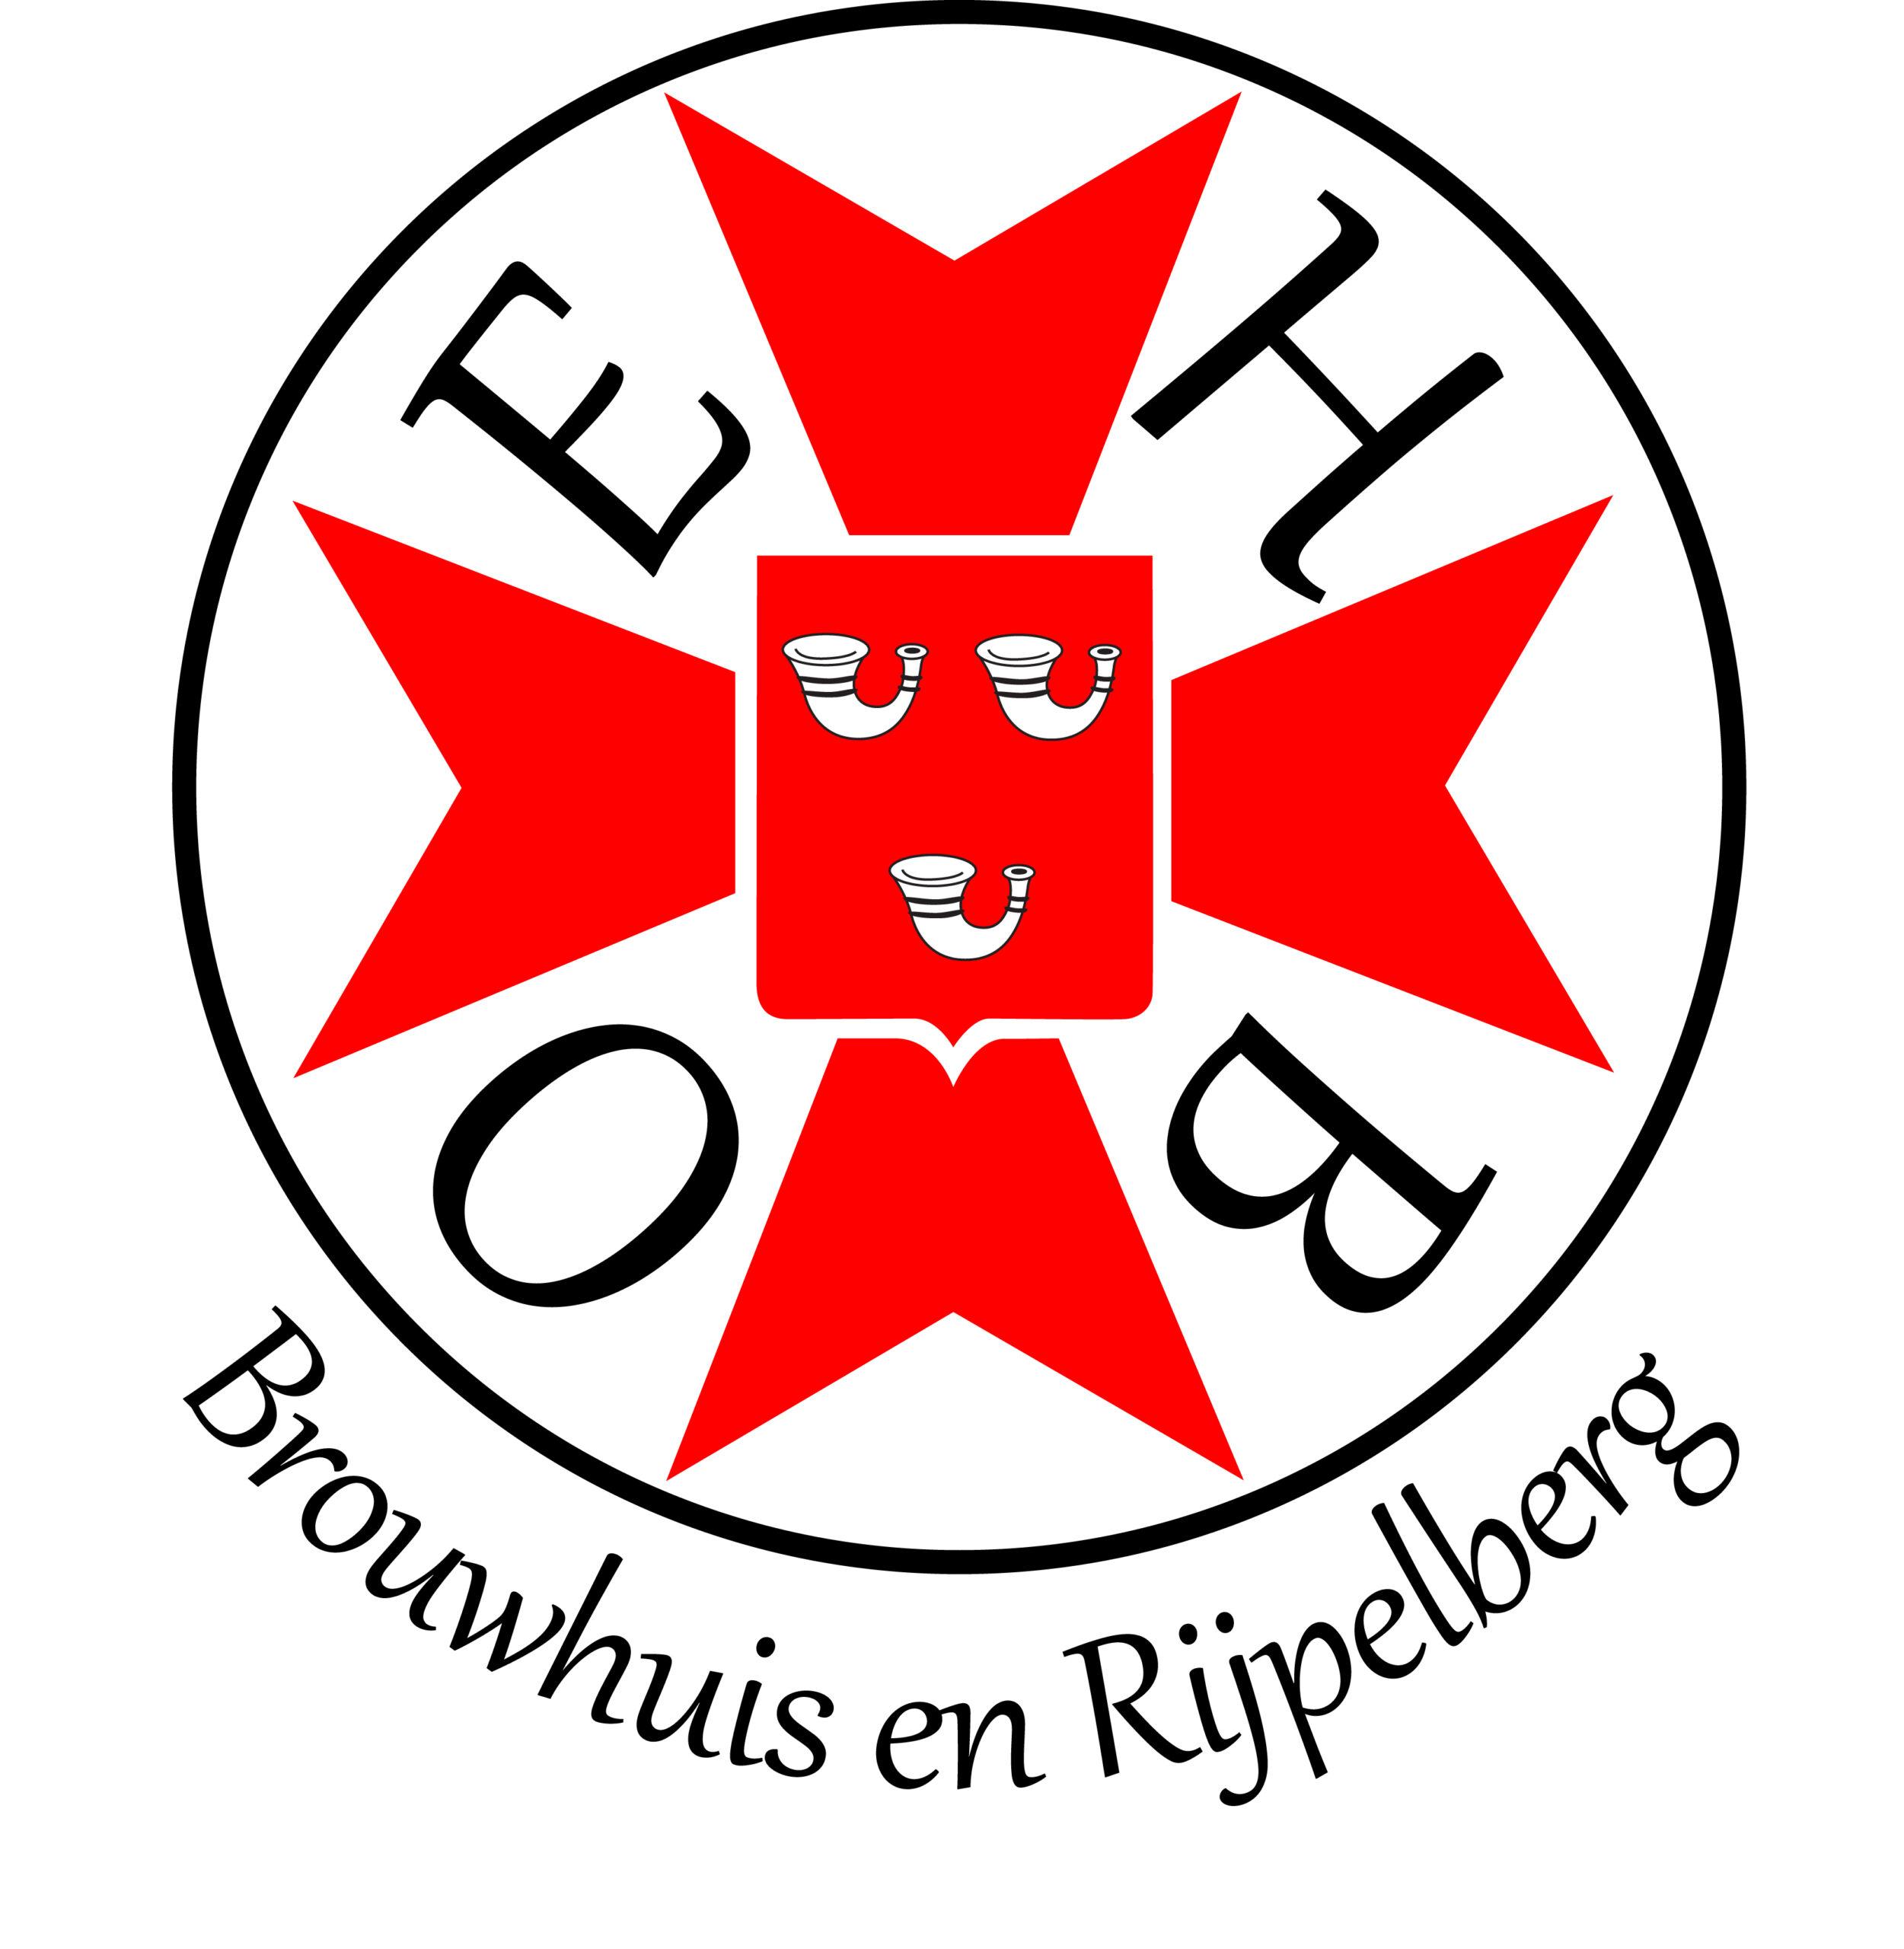 EHBO Brouwhuis en Rijpelberg